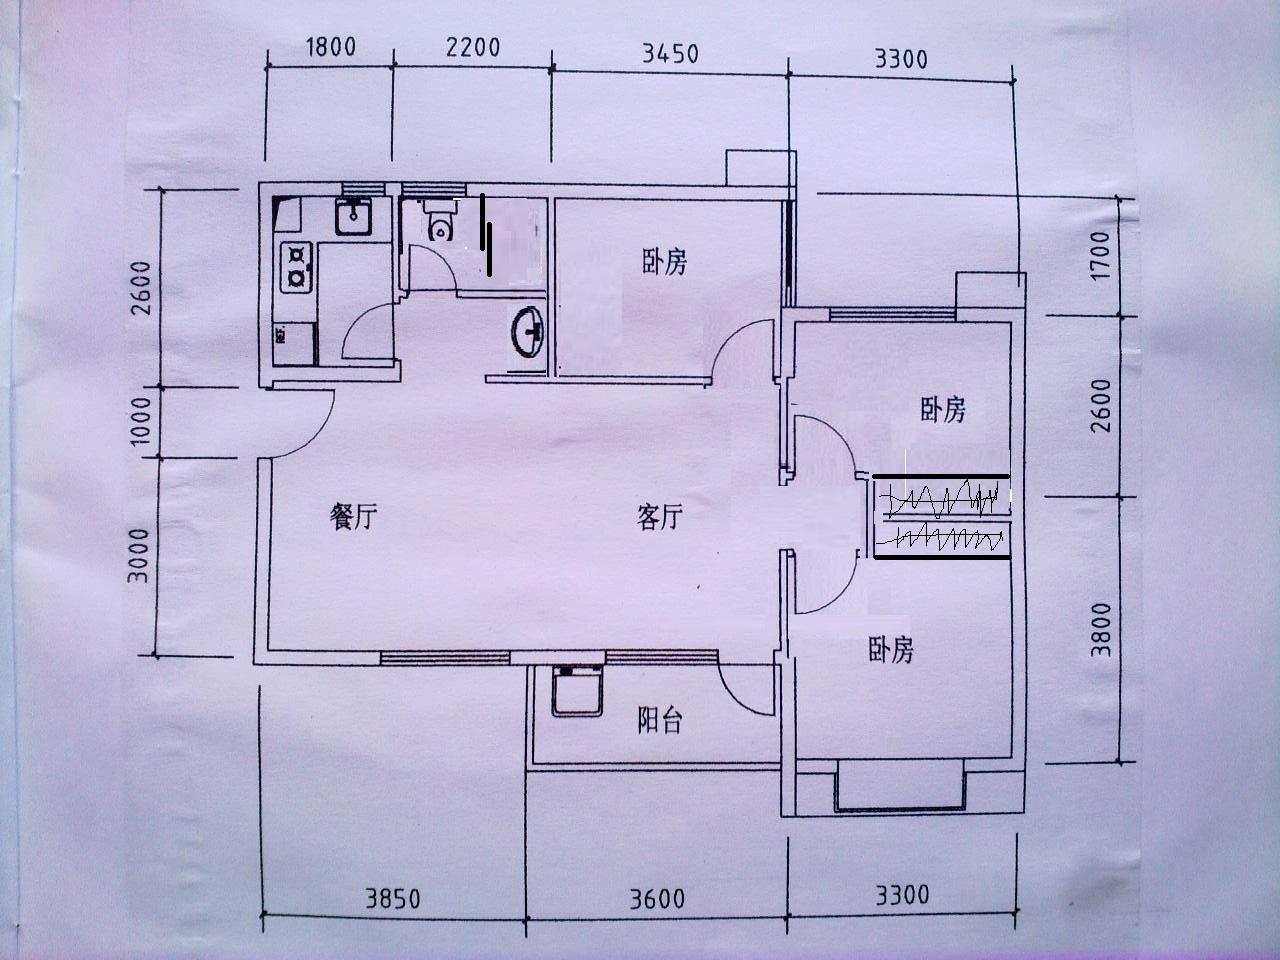 求四间二层楼房设计图,东西长12.8米,南北12米,楼梯在